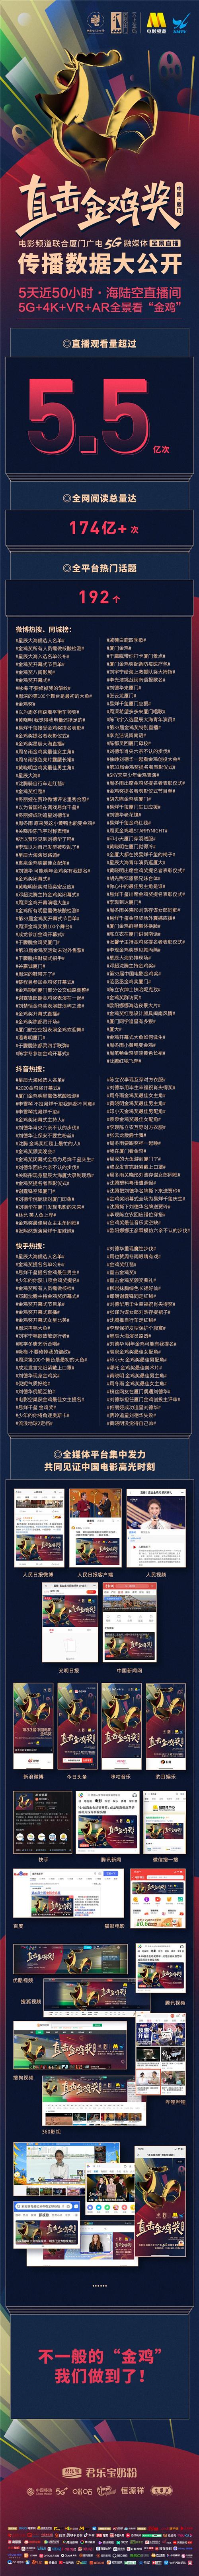 """币游国际(allbet6.com):超长待""""《鸡》""""!电影频道""""直击金《鸡》奖""""圆满收官 第19张"""